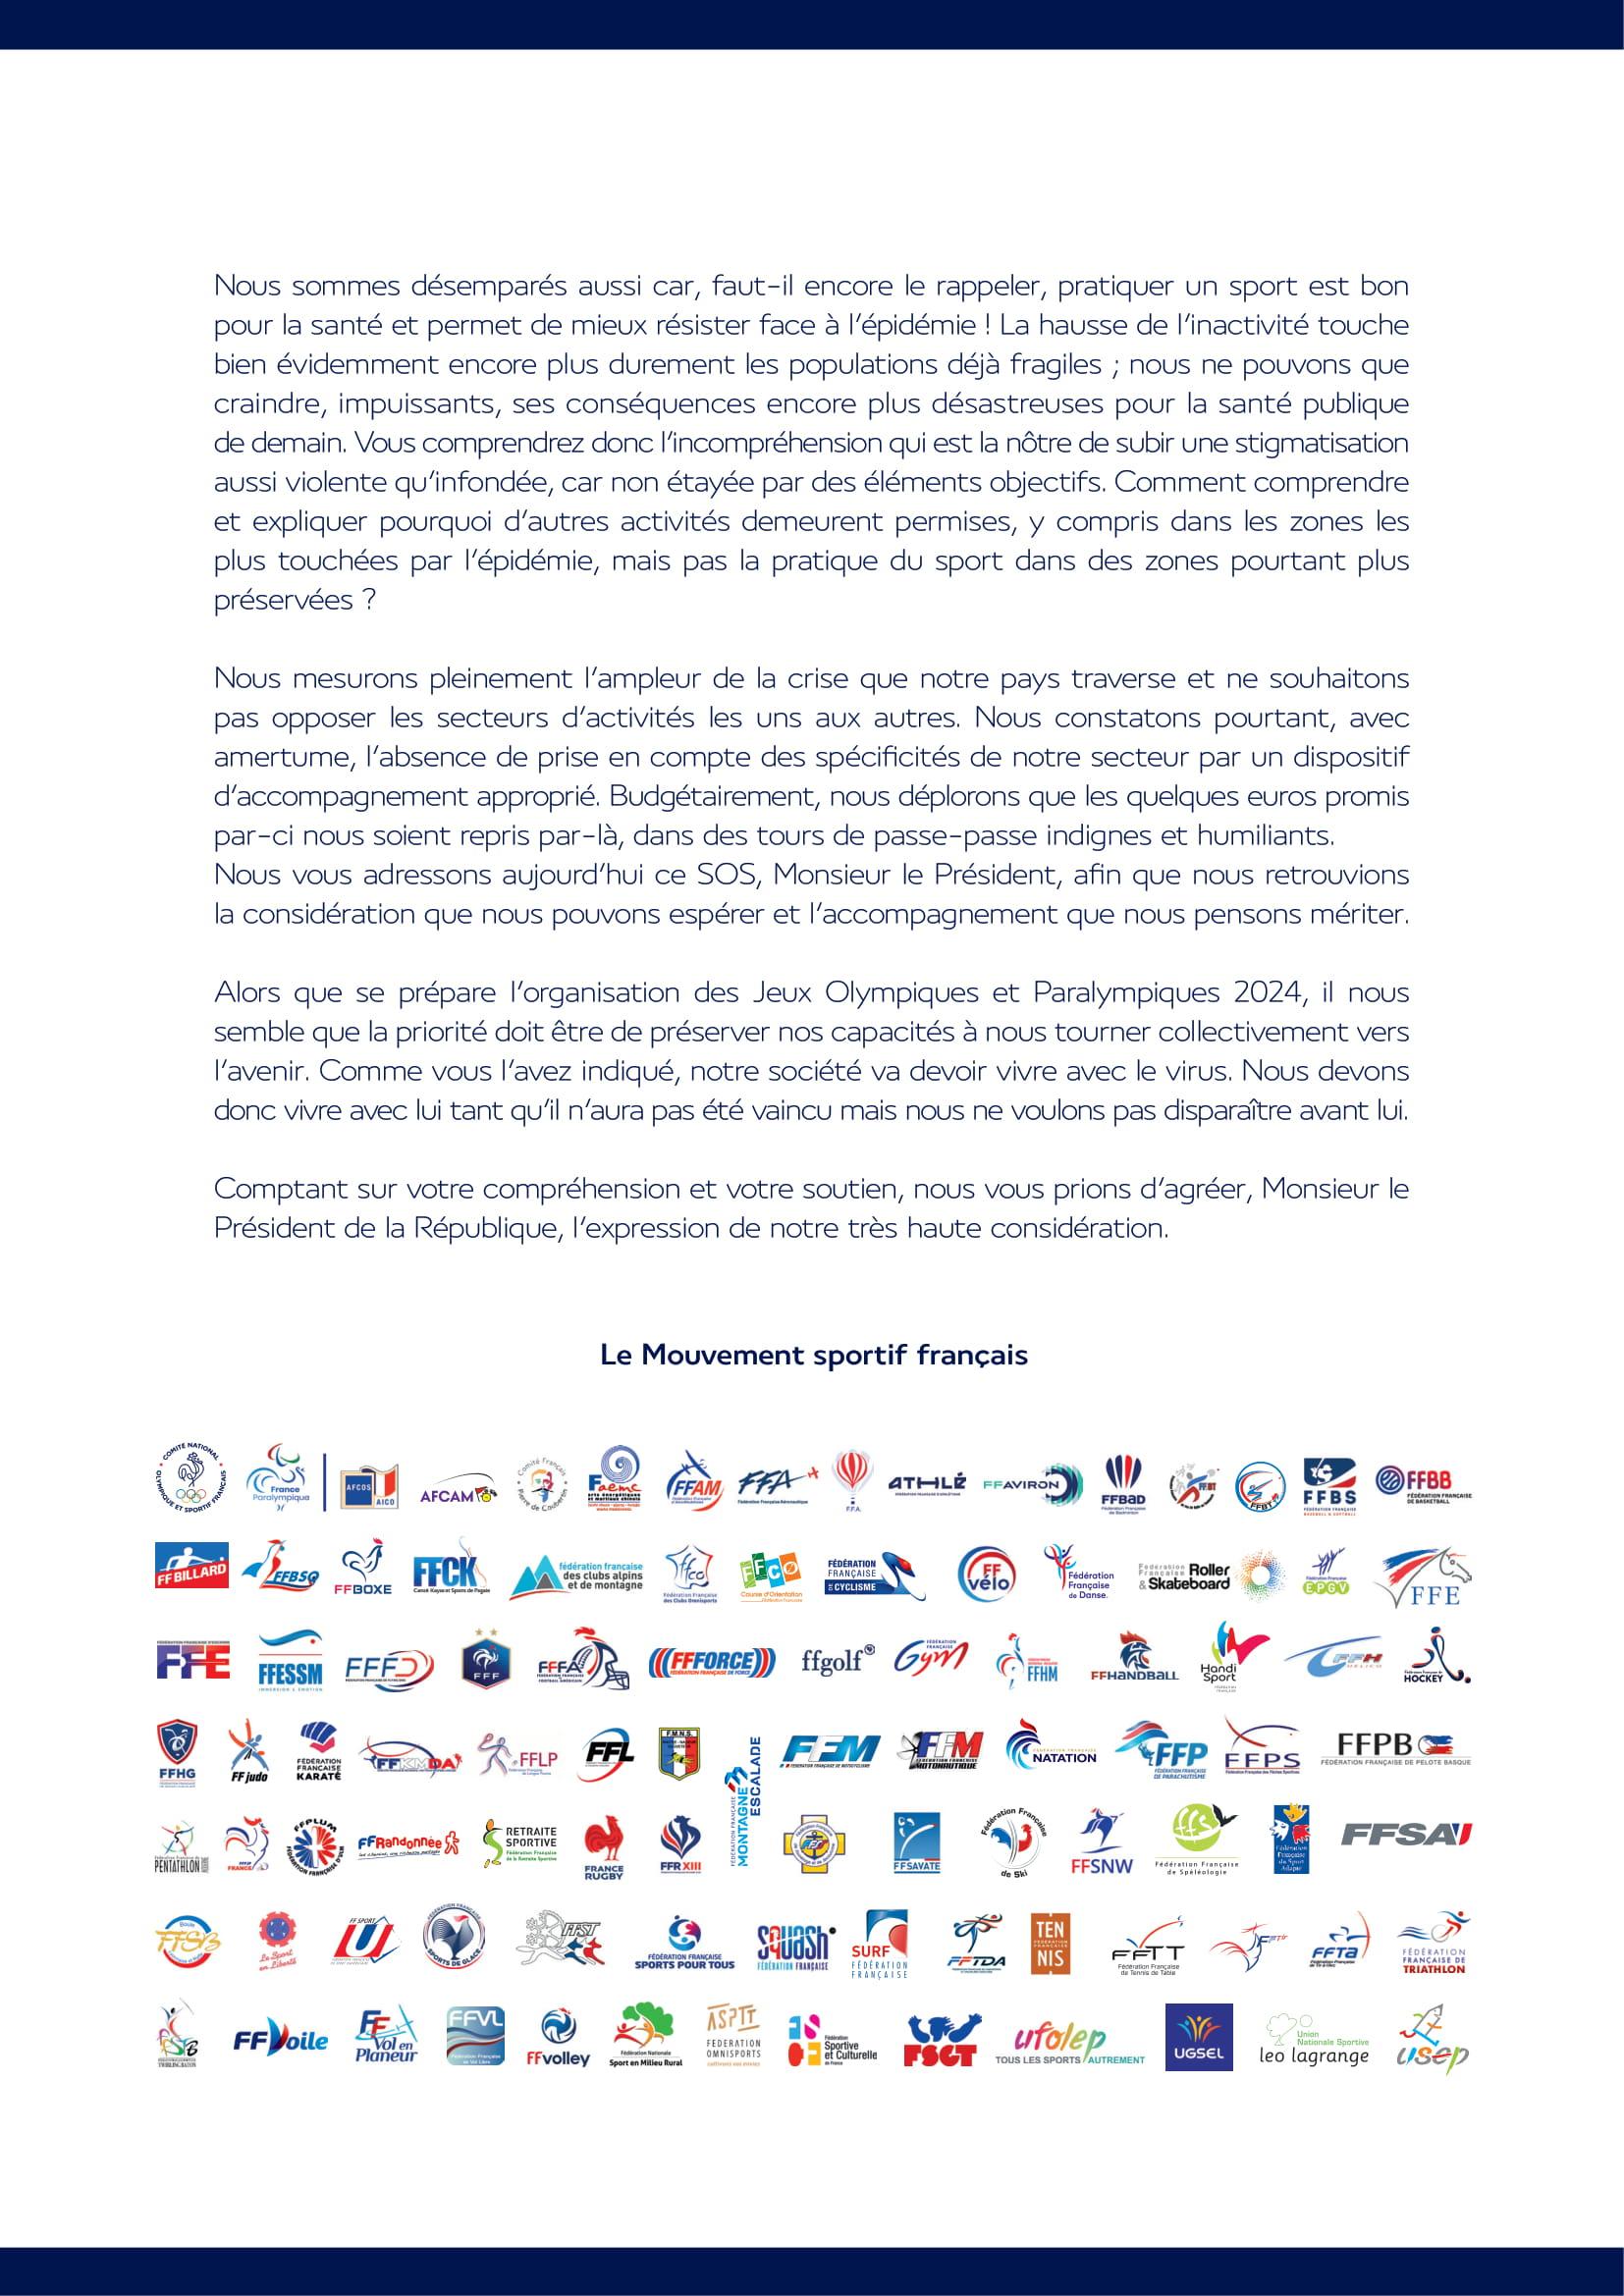 5216_f1_2020_10_26_-_lettre_ouverte_au_president_de_la_republique-2.jpg